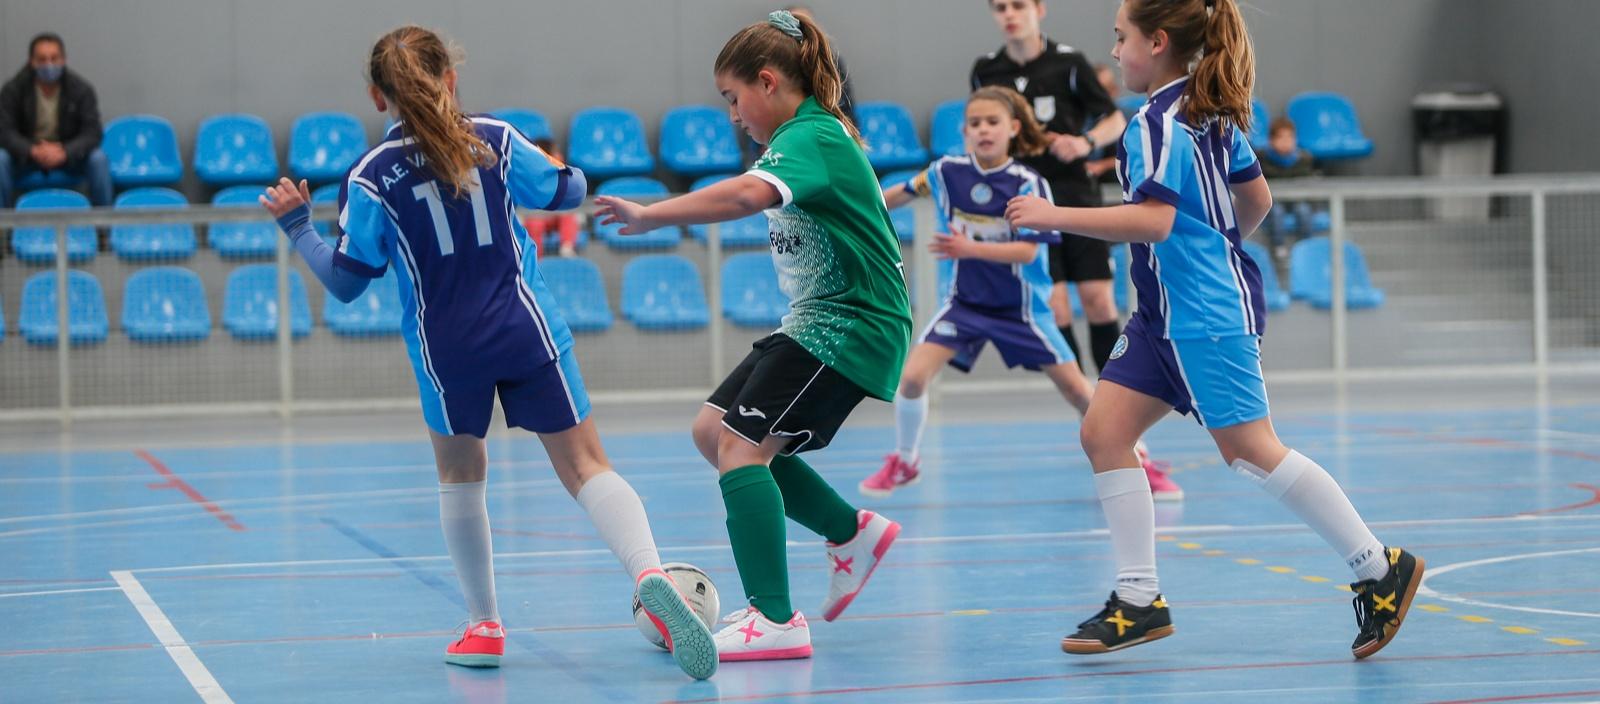 Les primeres agrupacions provisionals de futbol sala per a la temporada 2021-2022